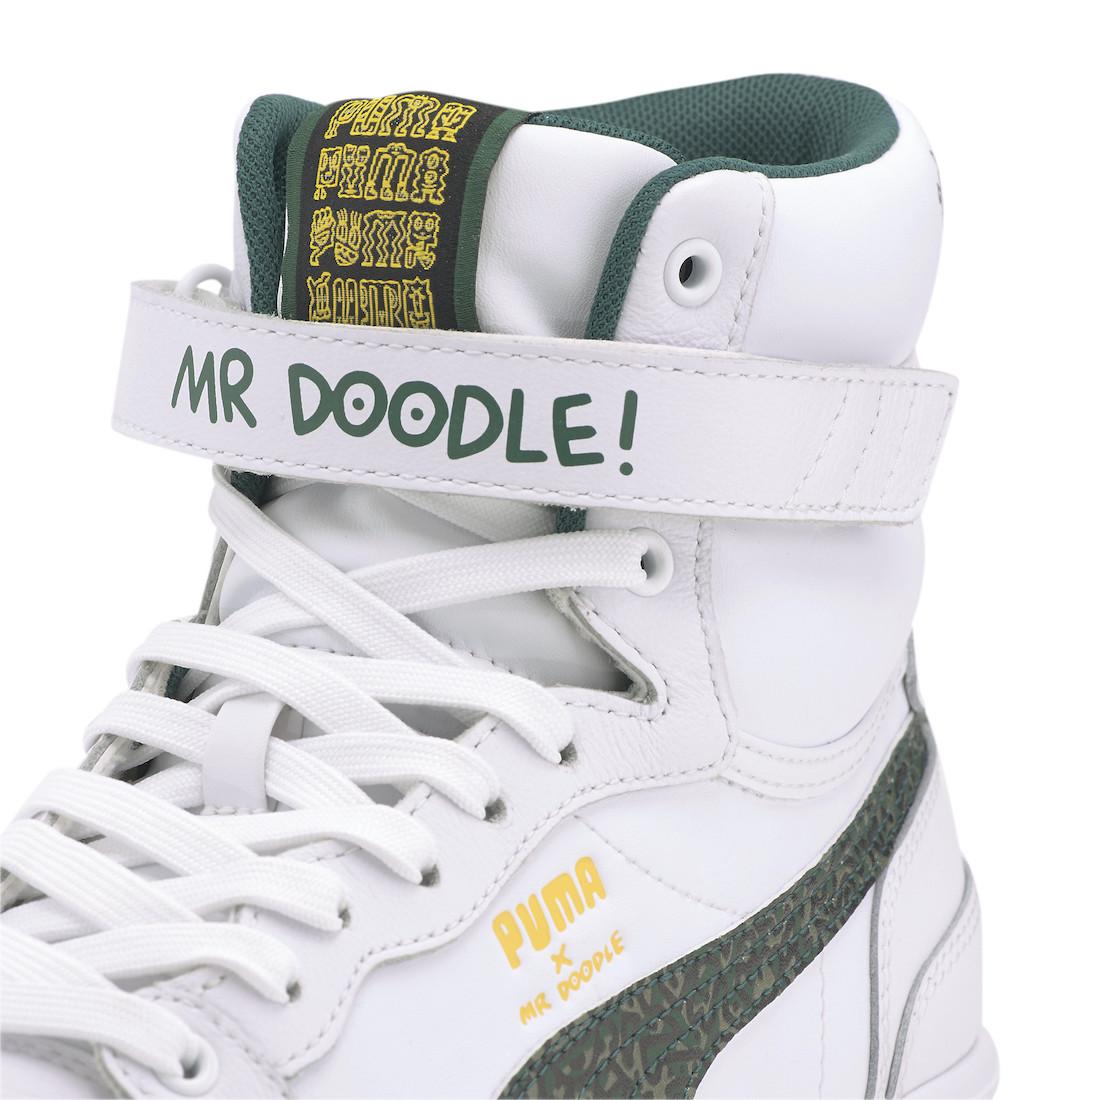 Mr Doodle Puma Sky LX Mid 374219-01 Release Date Info